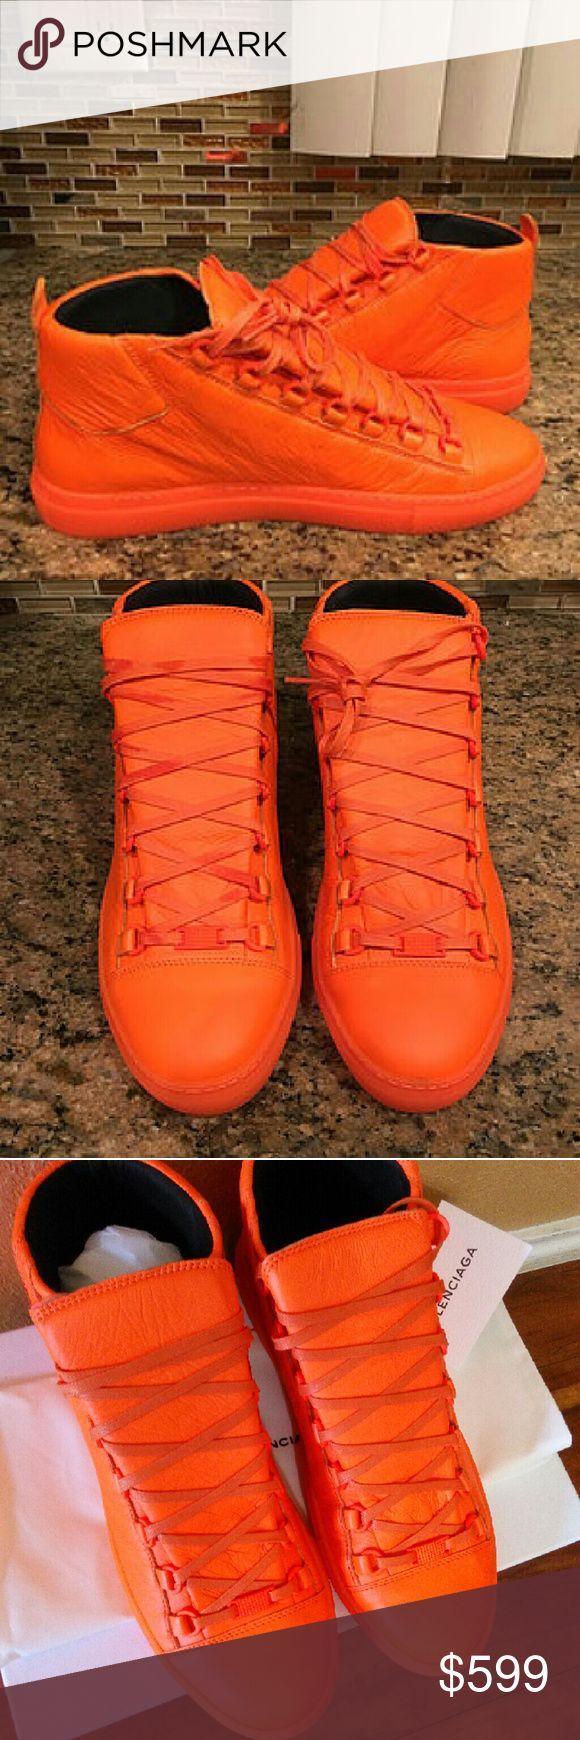 Balenciaga Orange High Top Sneakers 42/44 Men Balenciaga High Top Arena Sneaker  42EU/44EU   100% Authentic Brand New with Dust Bag and Box   #balenciaga #balenciagasneakers #balenciagaracerunner #balenciaganewseason #balenciagaauthentic #balenciagahightop #balenciagamensneakers #balenciagawhitesneakers Balenciaga Shoes Sneakers